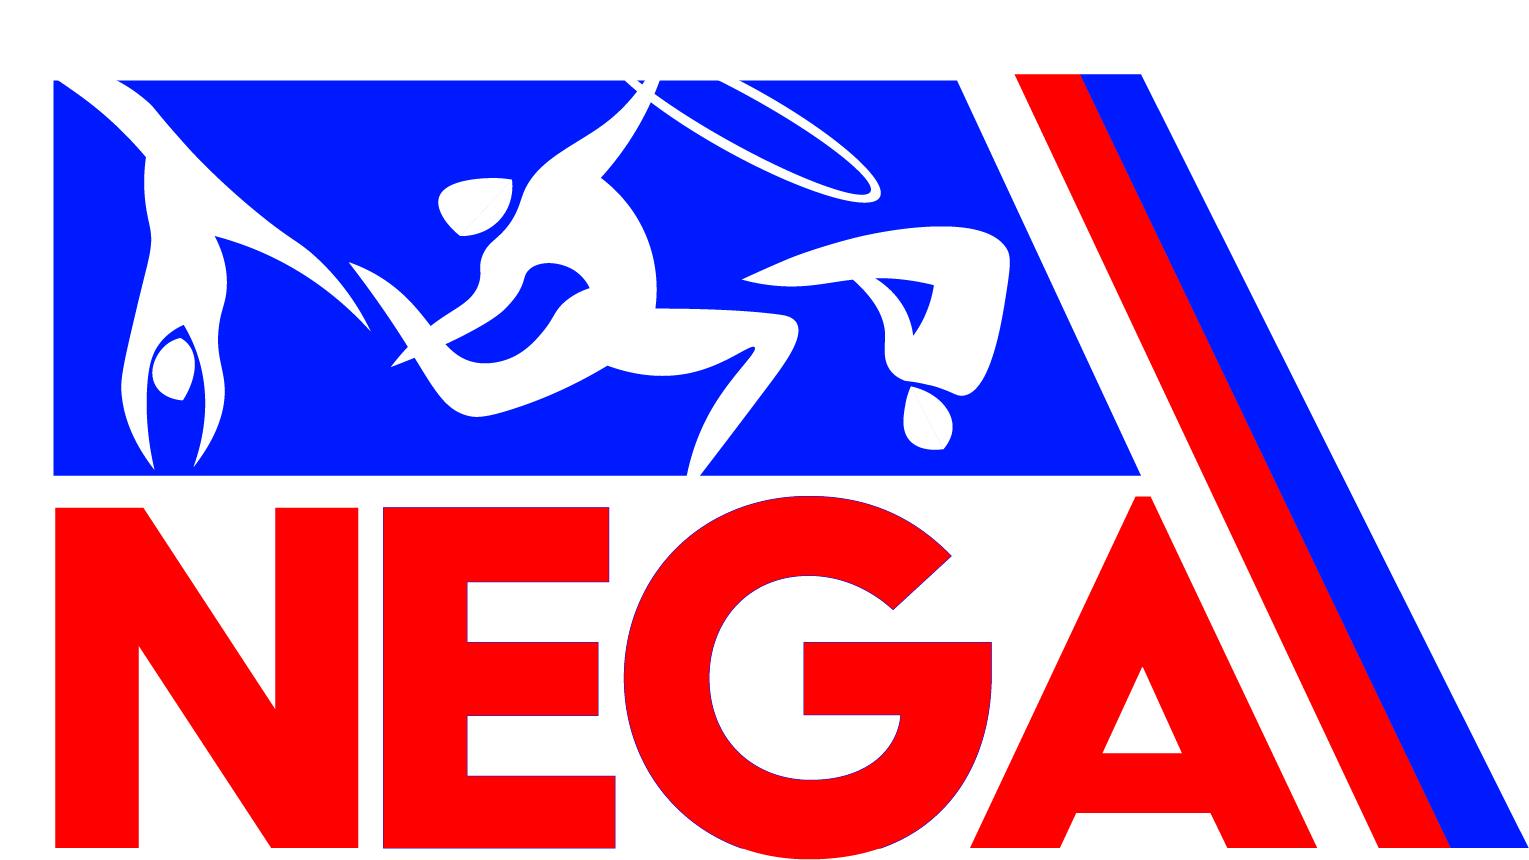 north regional logo1 3